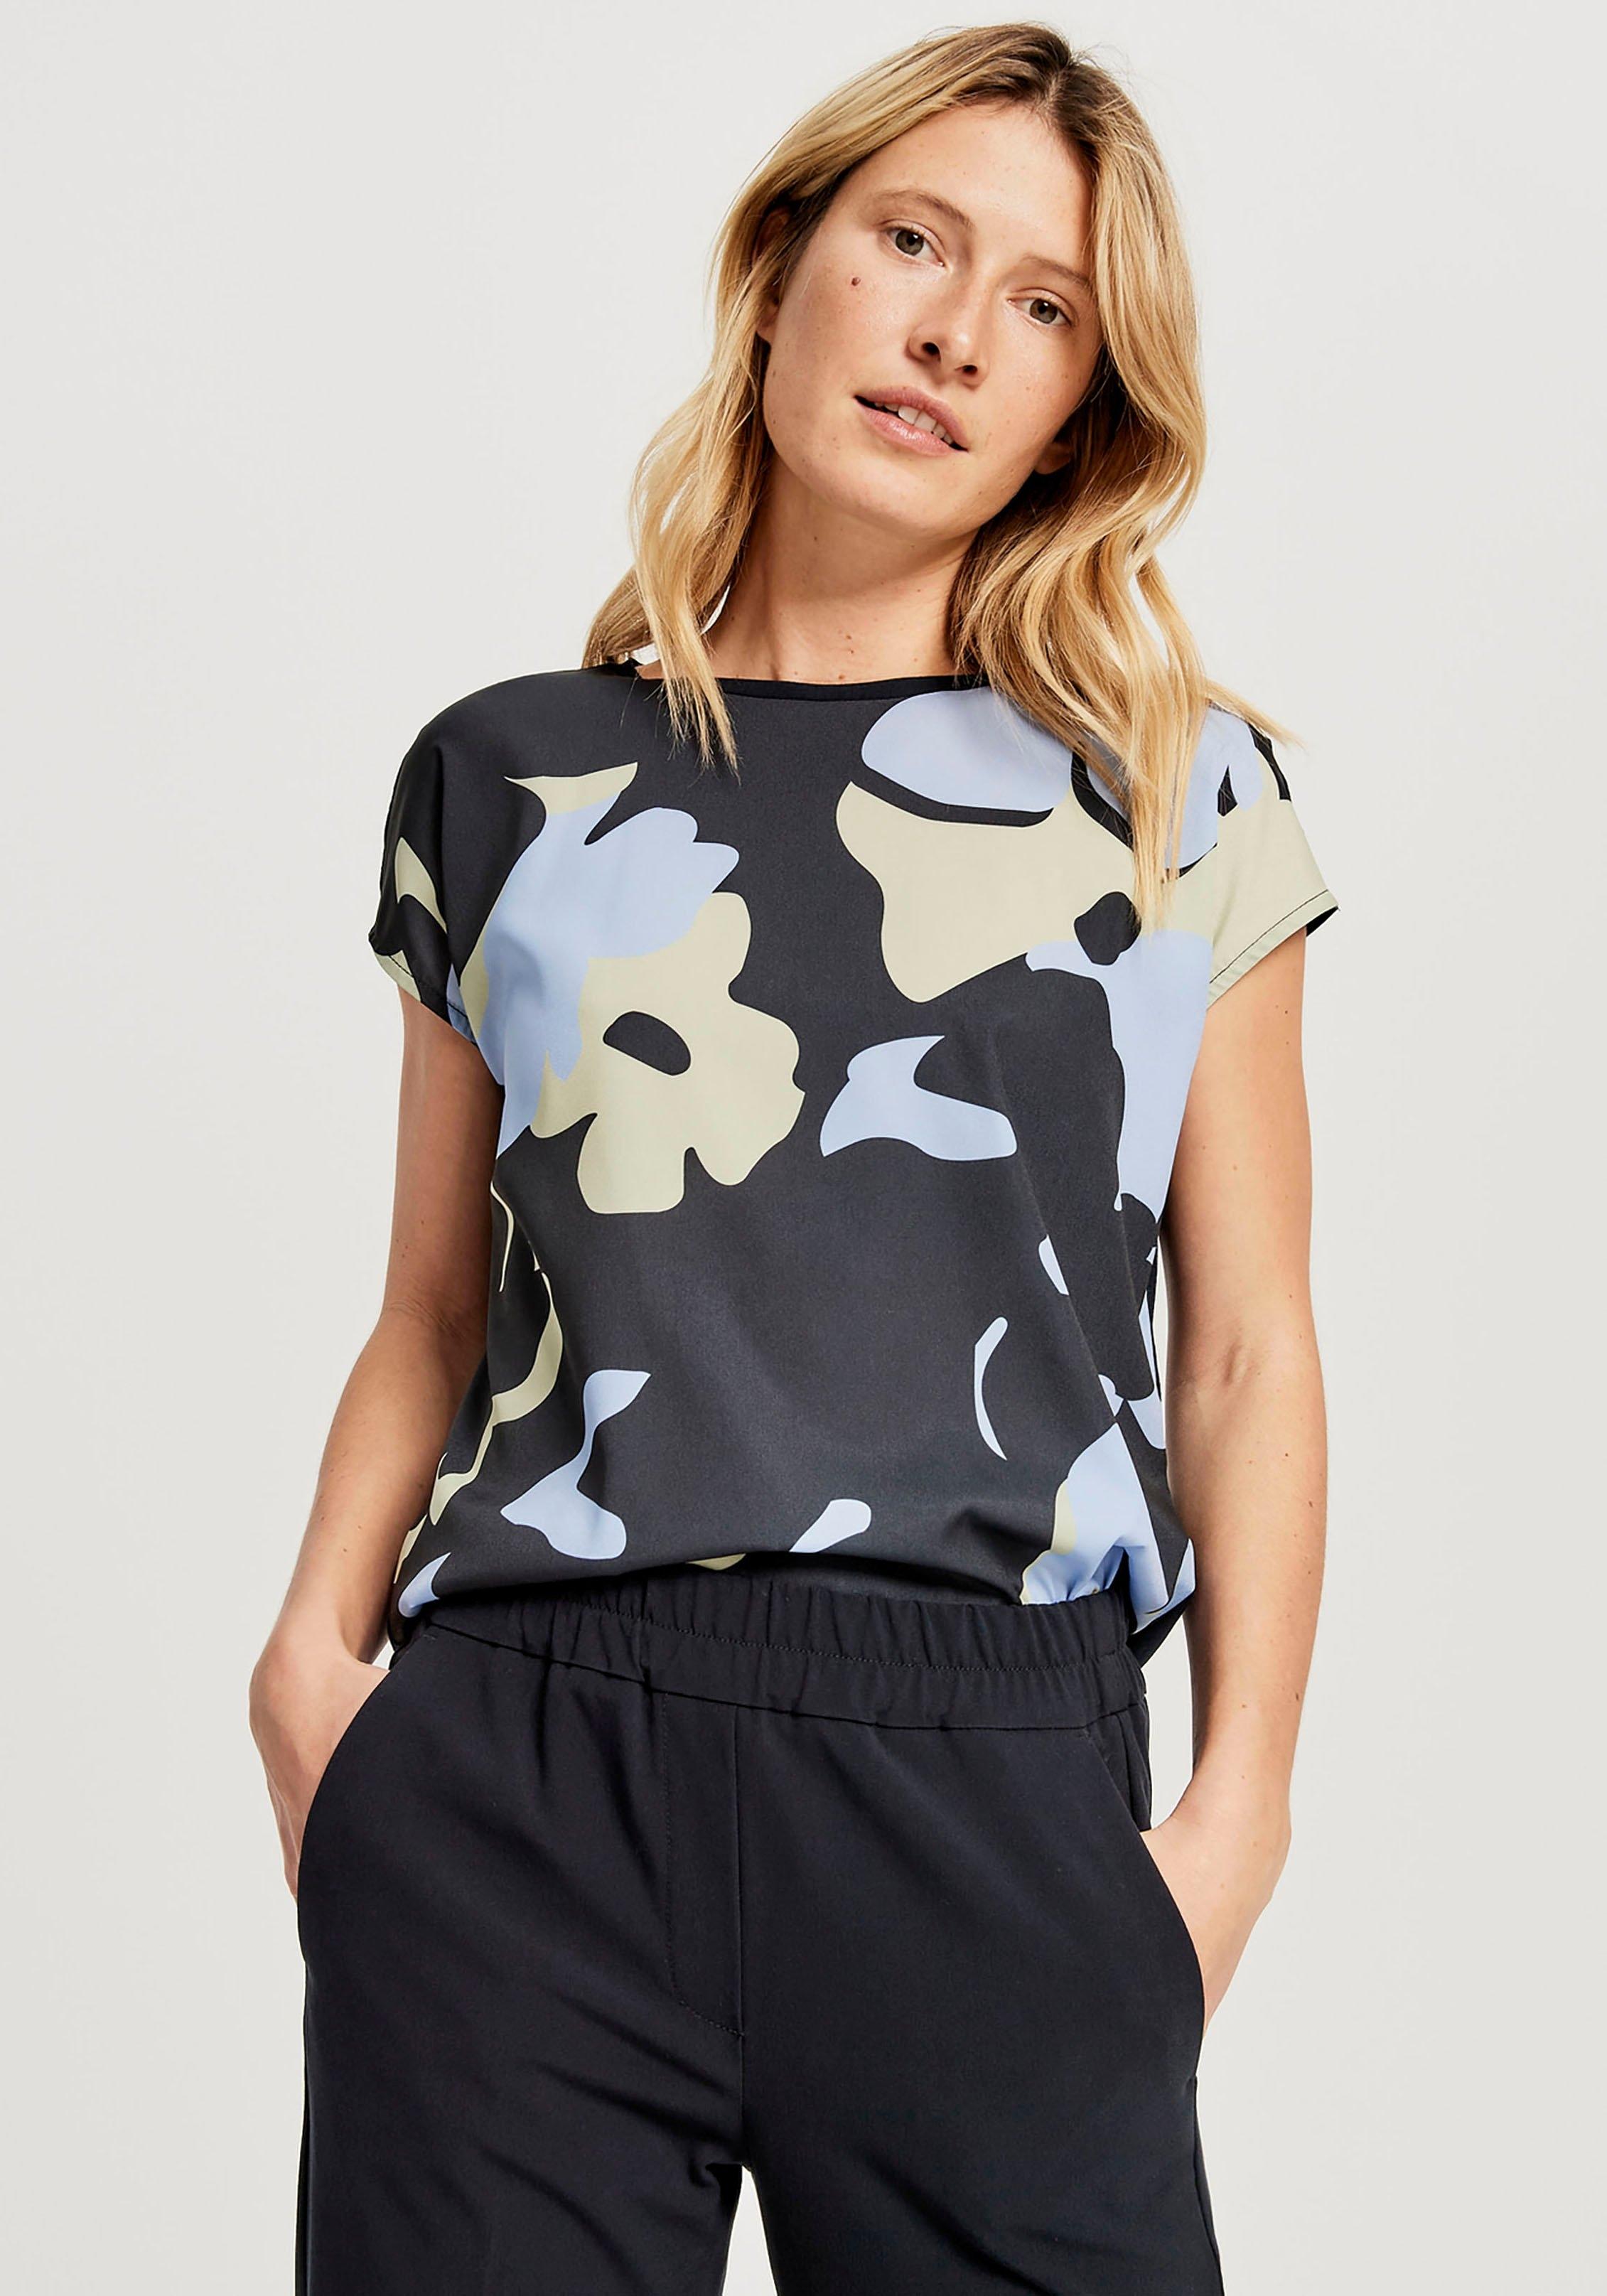 OPUS shirt met korte mouwen Siko met gebloemde print voor goedkoop op otto.nl kopen